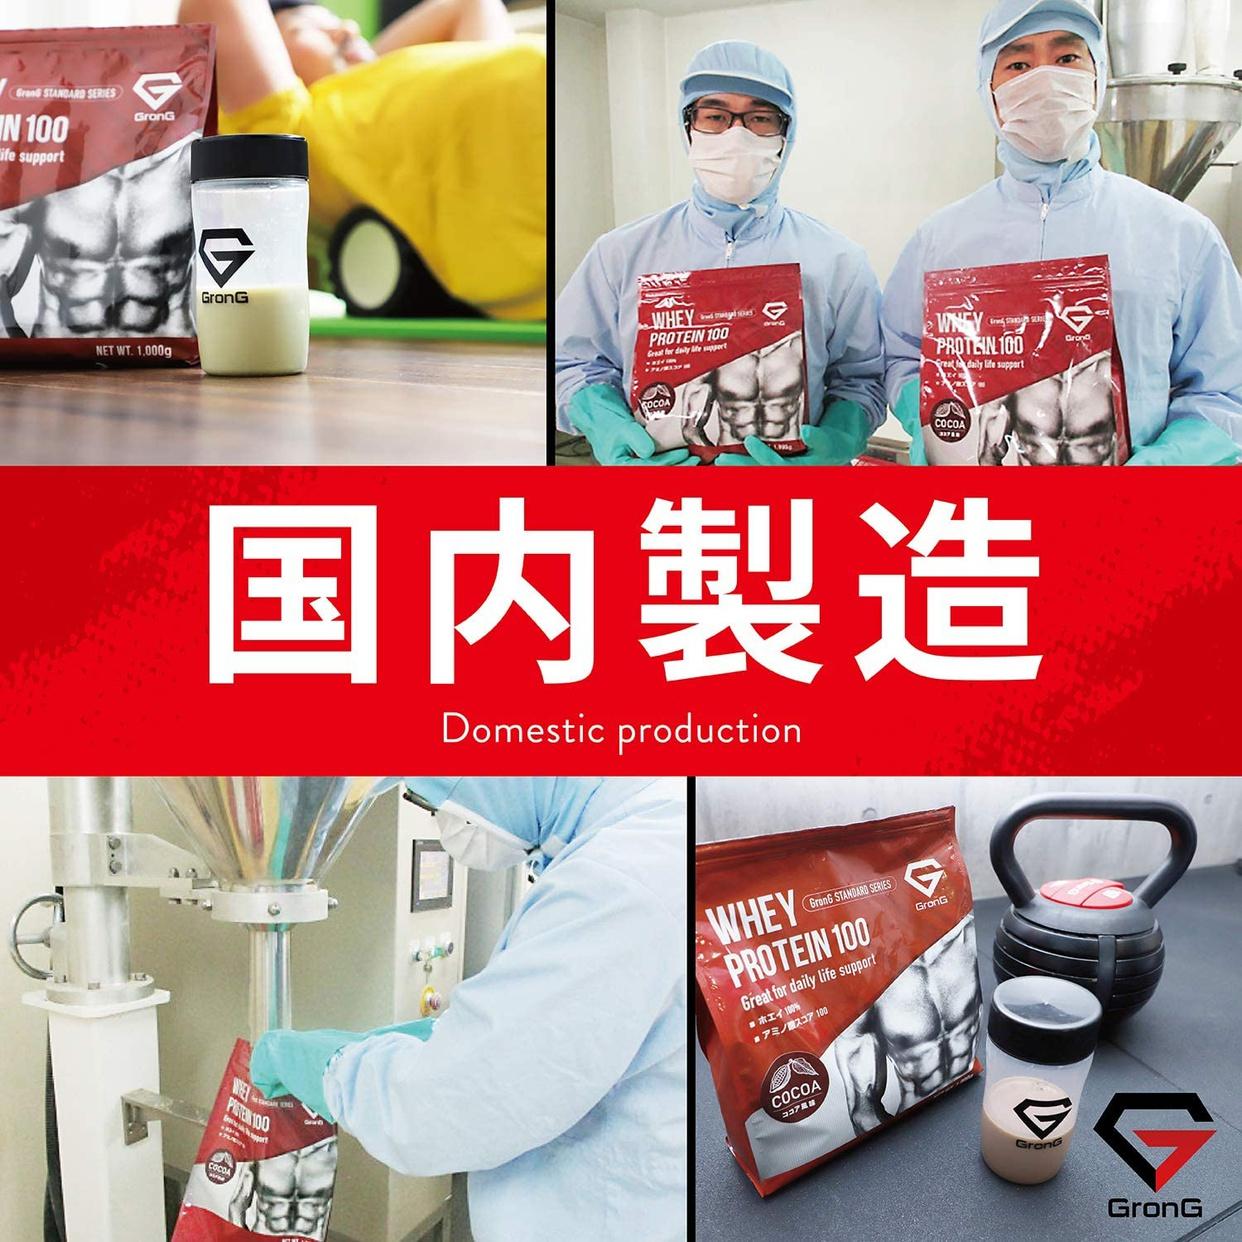 GronG(グロング) ホエイプロテイン 100 スタンダードの商品画像4